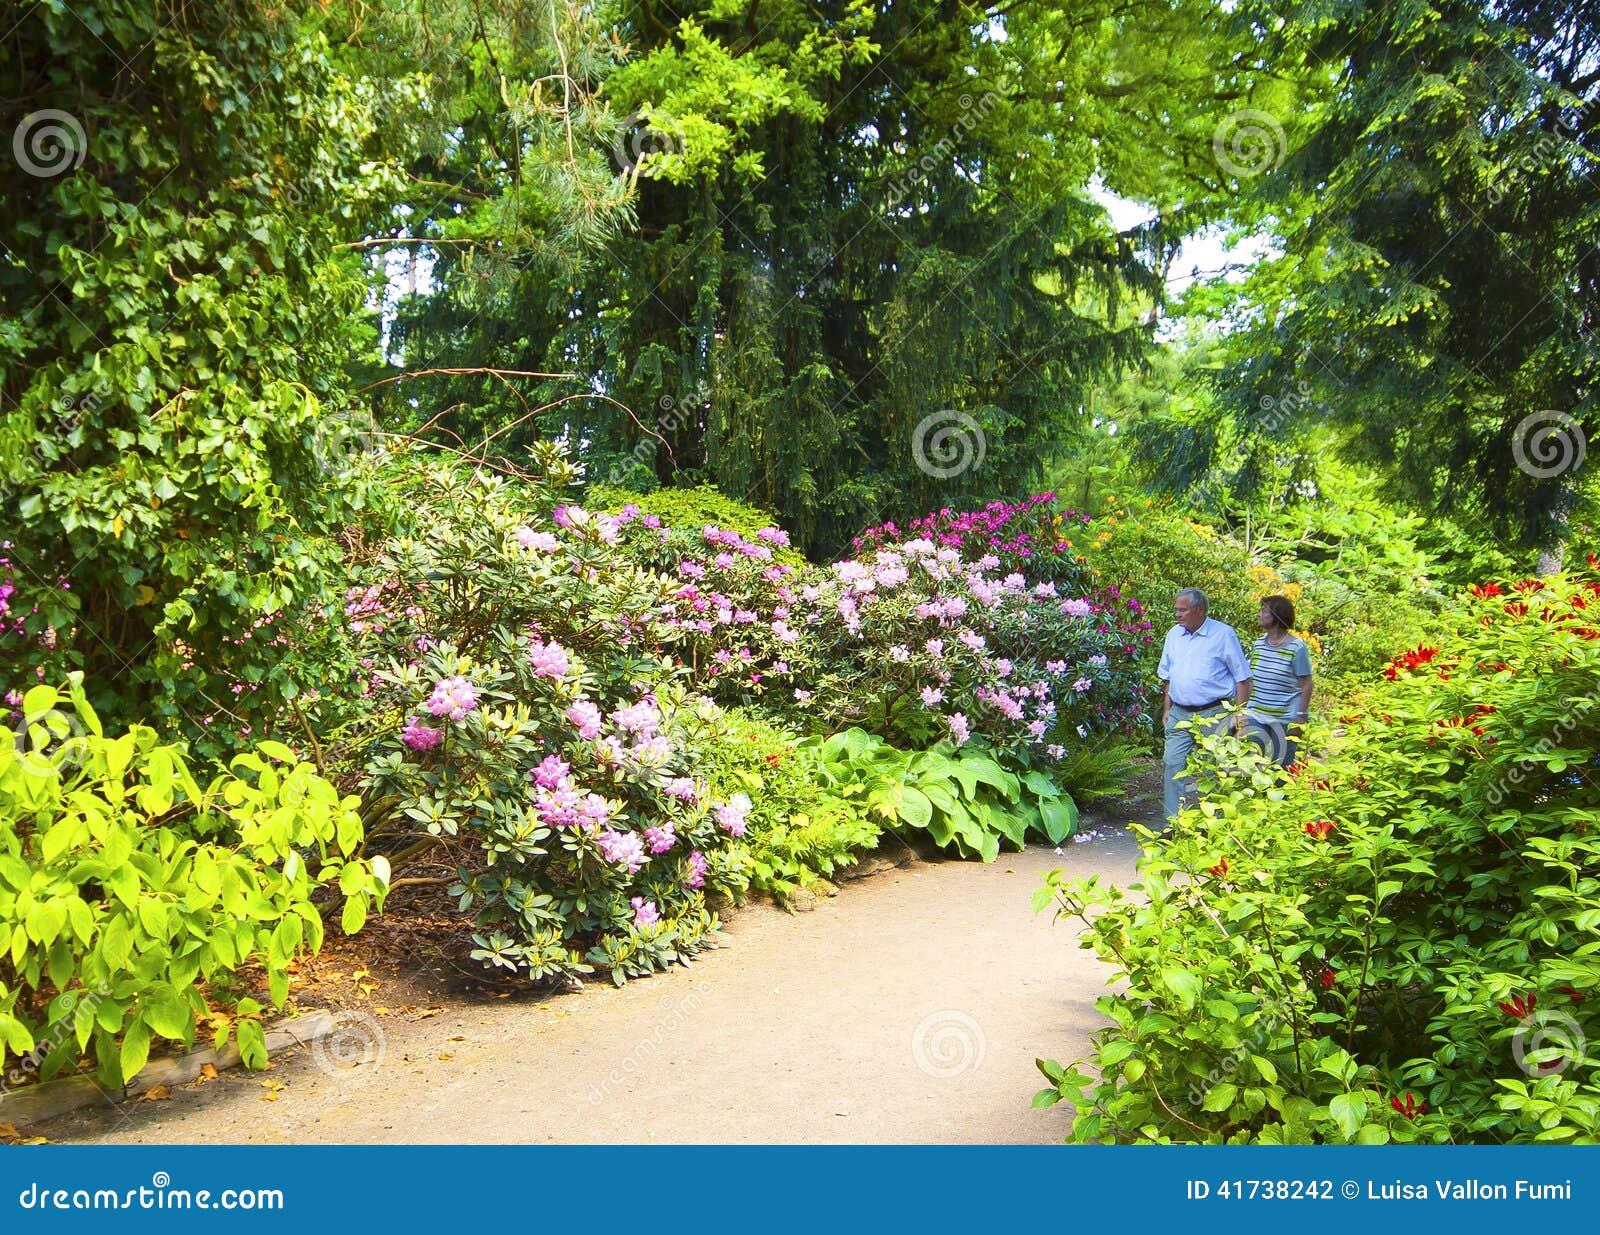 Elderly Couple Take A Walk In Munich Botanical Garden